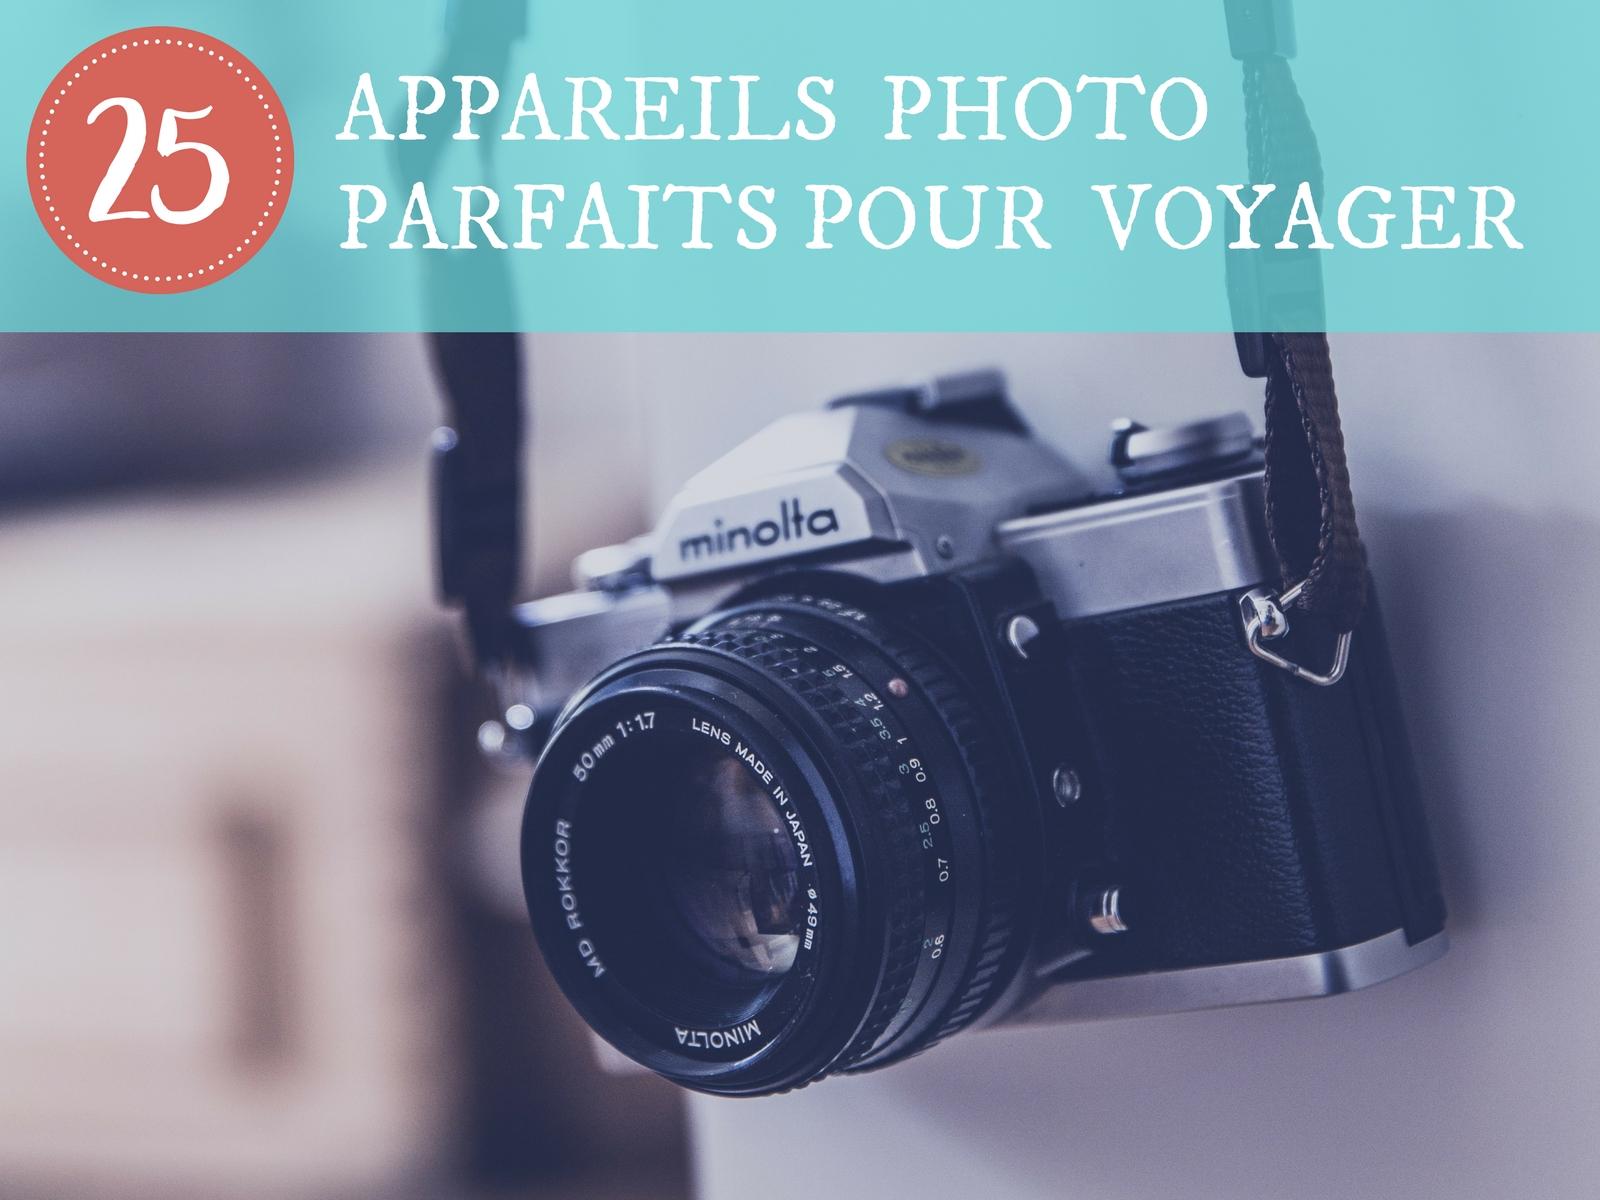 Meilleur Appareil Photo Voyage Guide Pratique Quel Est Le